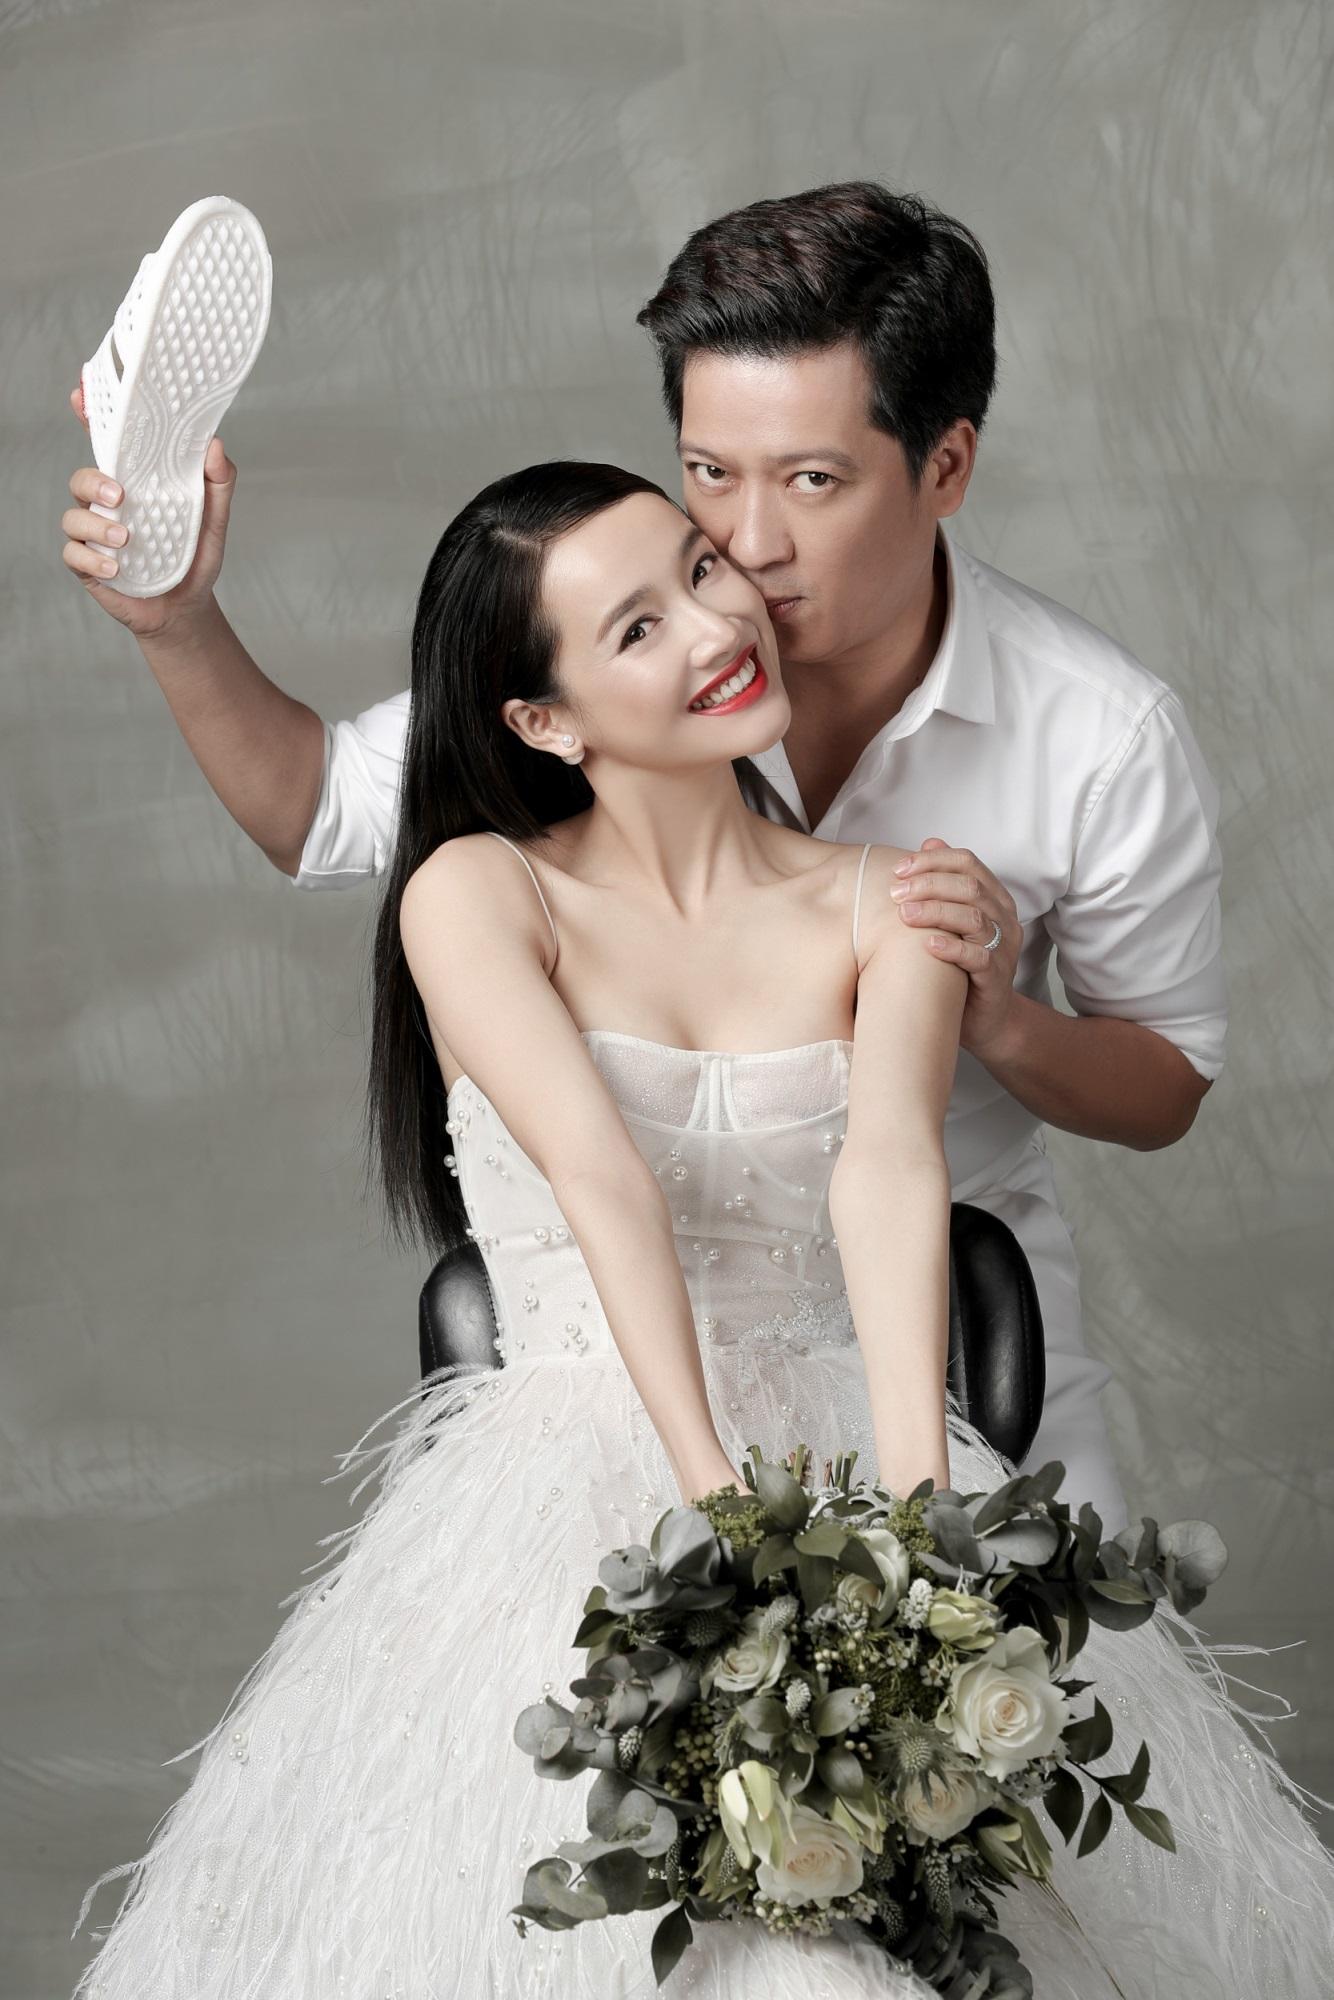 'Rụng tim' khi ngắm trọn bộ ảnh cưới đẹp như tranh vẽ của Trường Giang - Nhã Phương - Ảnh 7